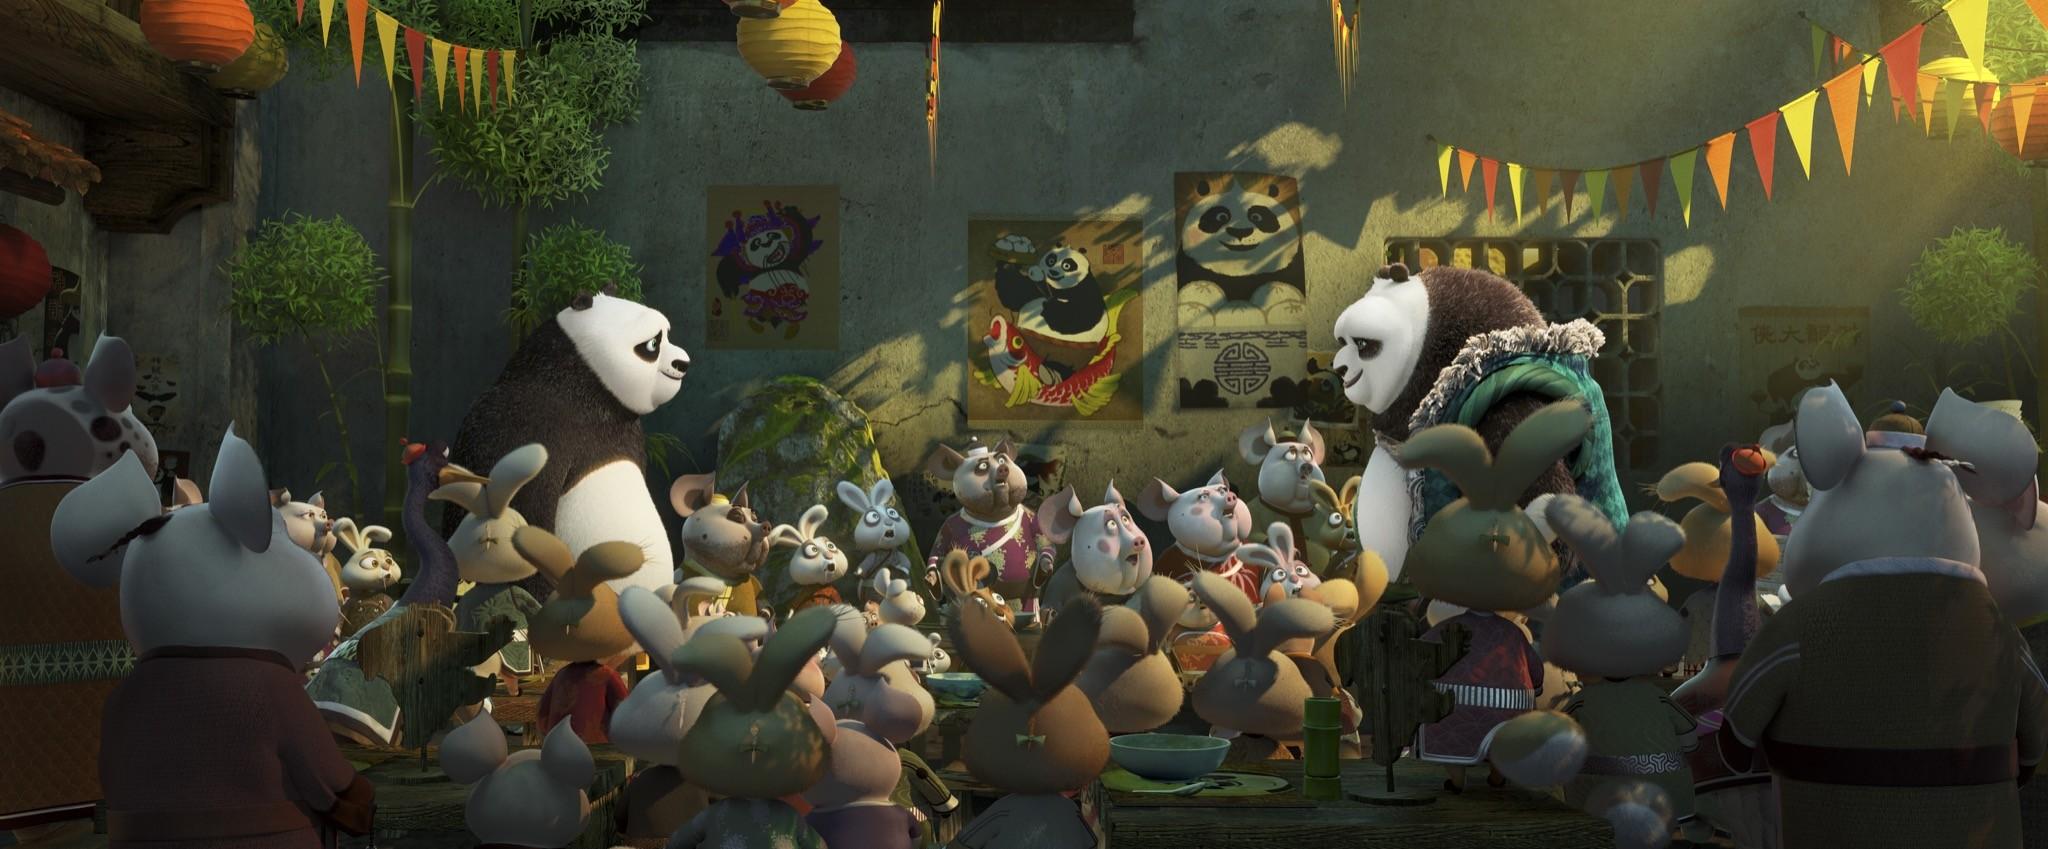 Kung Fu Panda 3-image-8